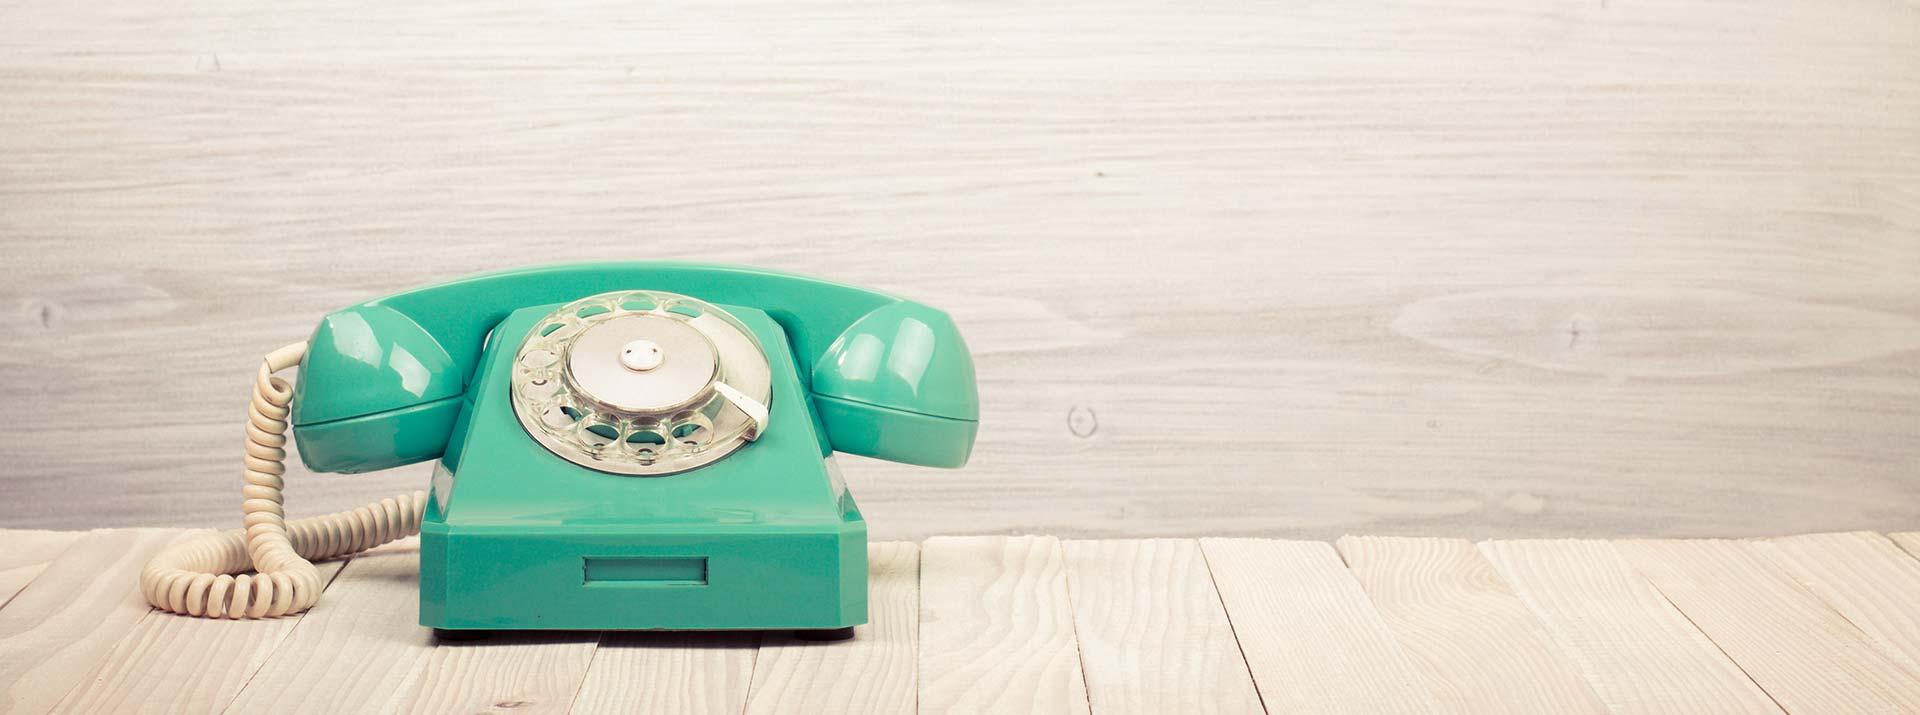 Telefon zur Kontaktaufnahme, Feinstoffpraxis finden